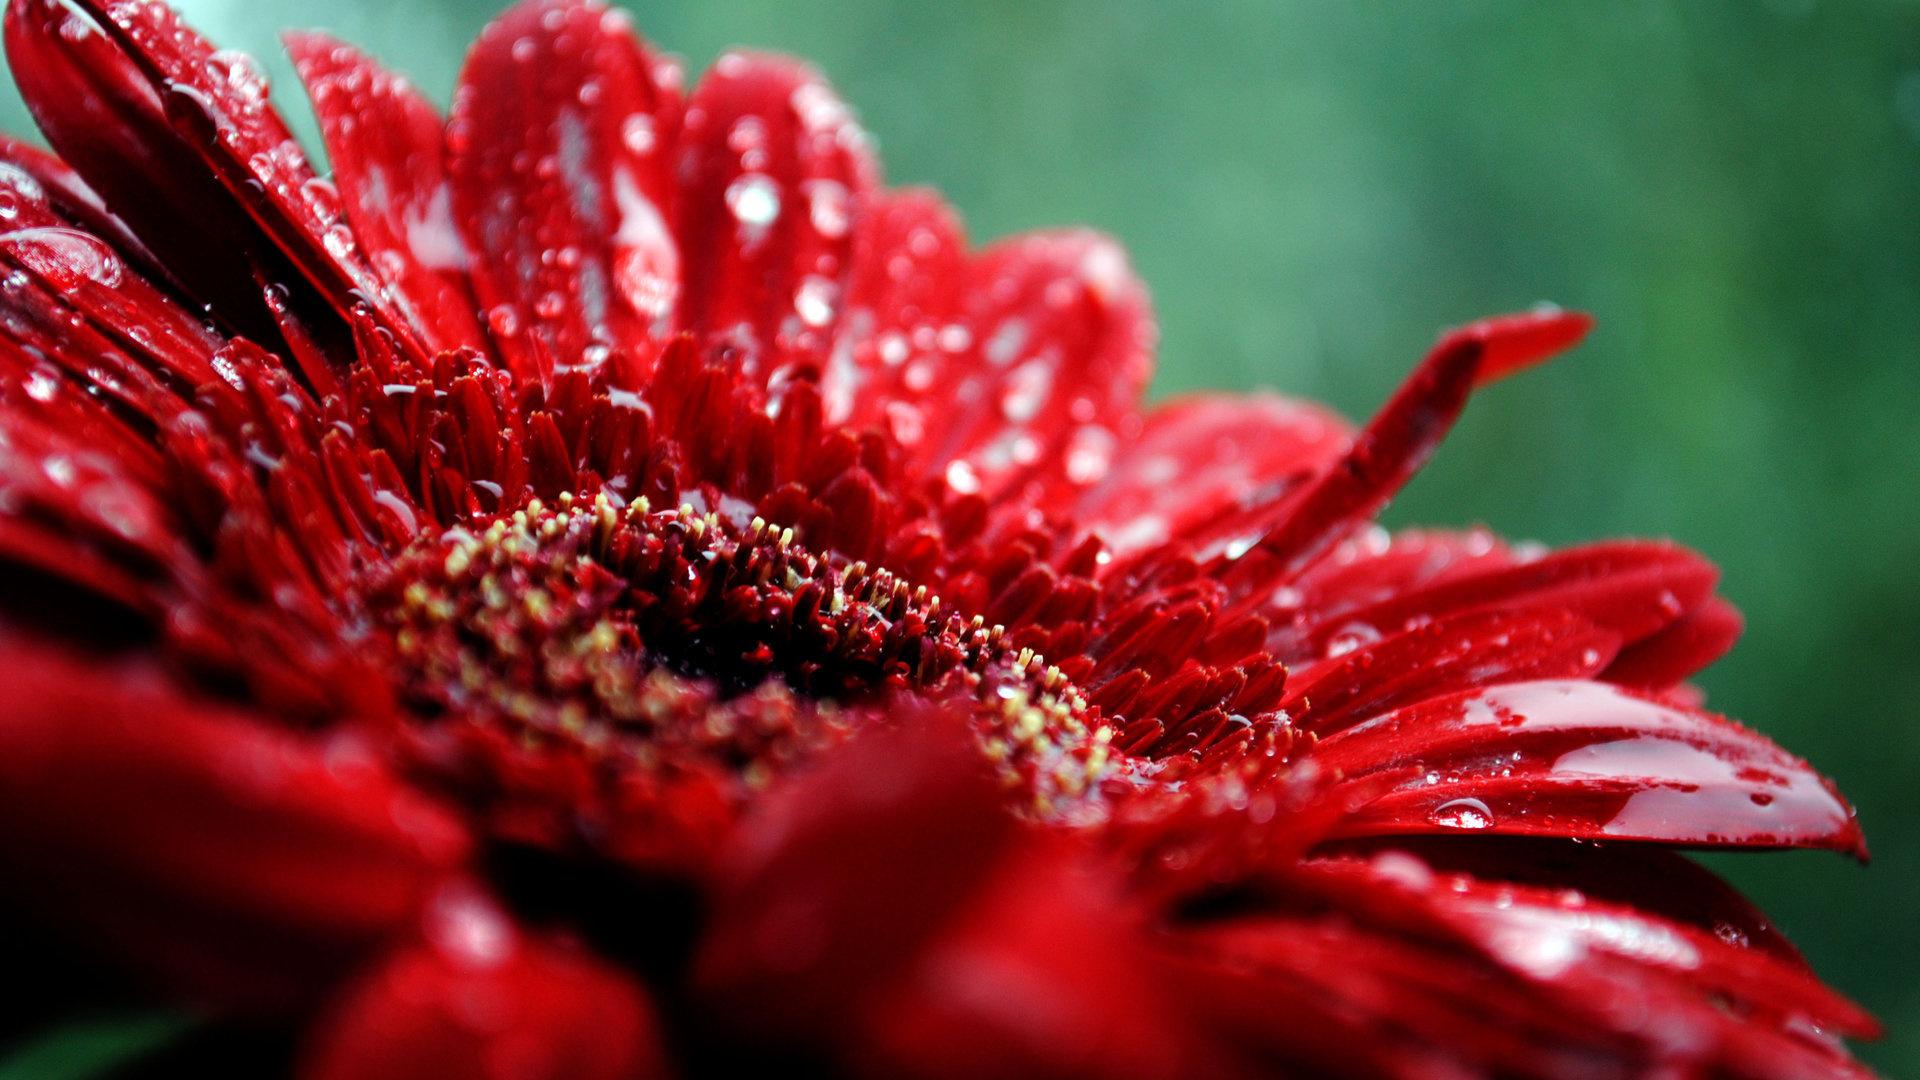 Hd Wallpapers Nature Flowers-13 - Nature Flower Desktop Wallpaper Hd - HD Wallpaper